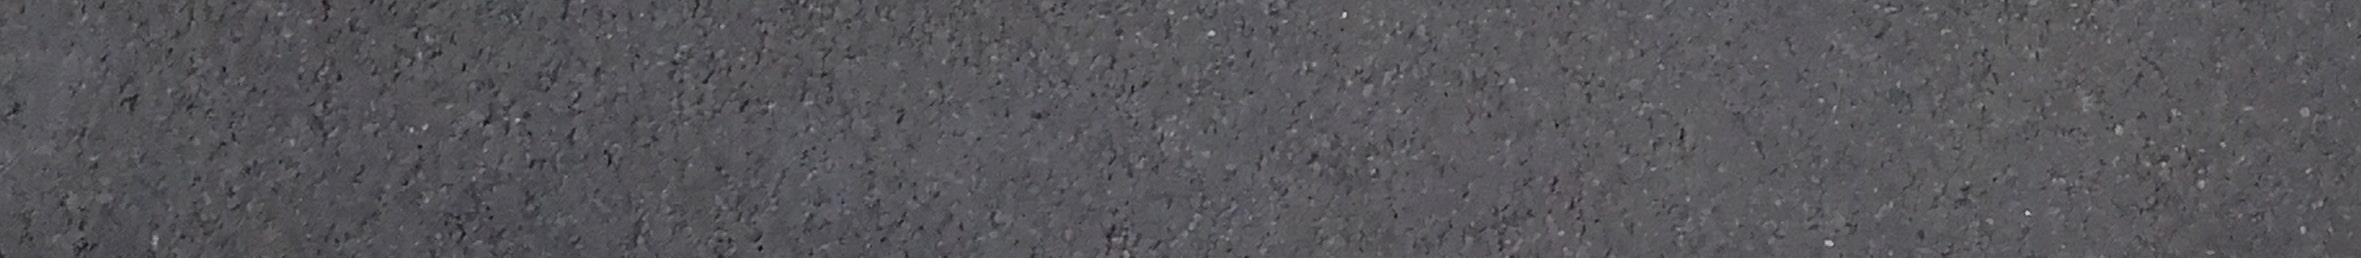 Fugenmörtel - Fugenfarbe 1004